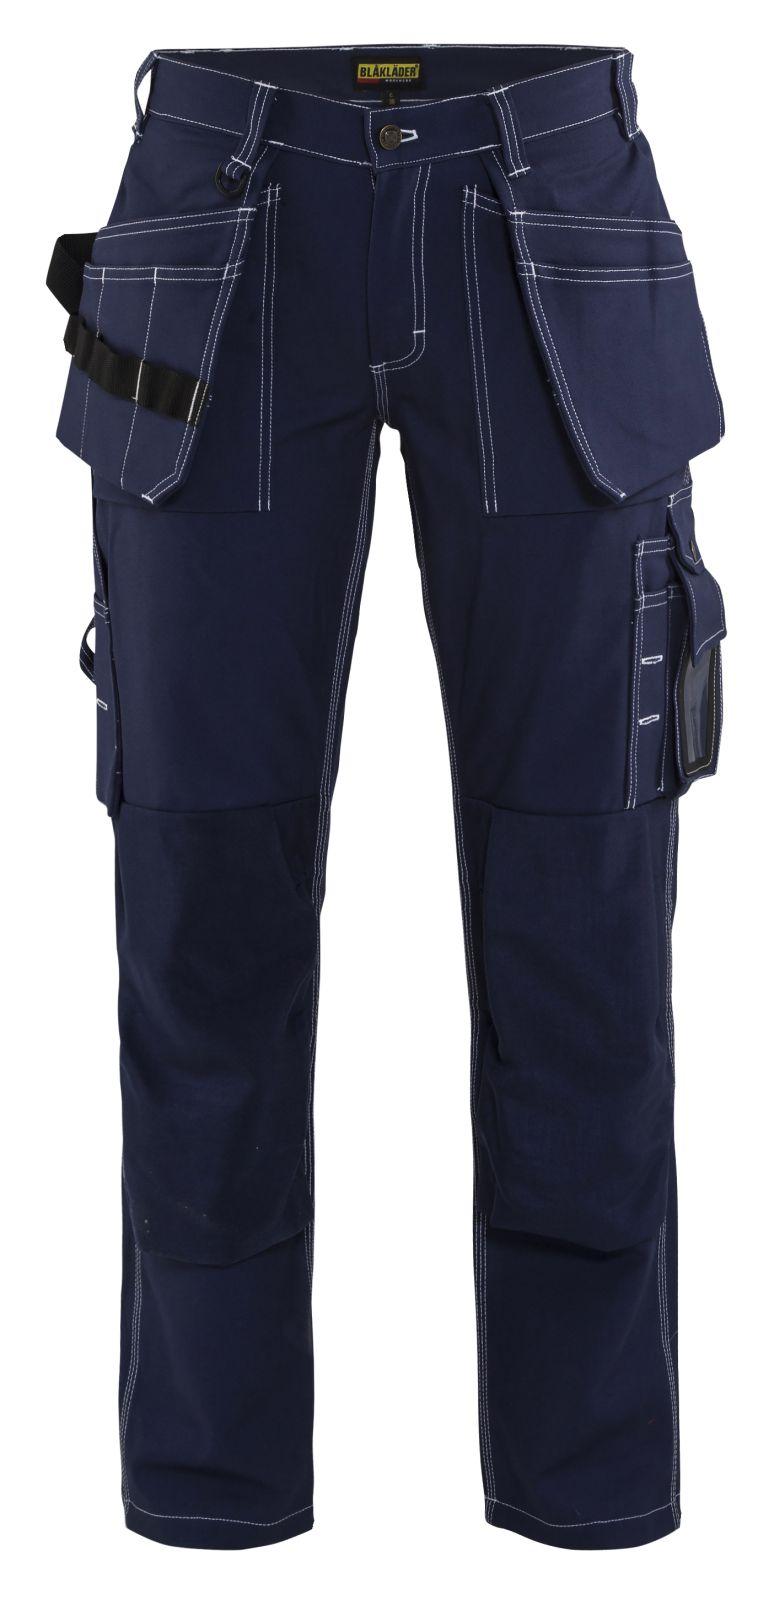 Blaklader Dames werkbroeken 15451370 marineblauw(8800)